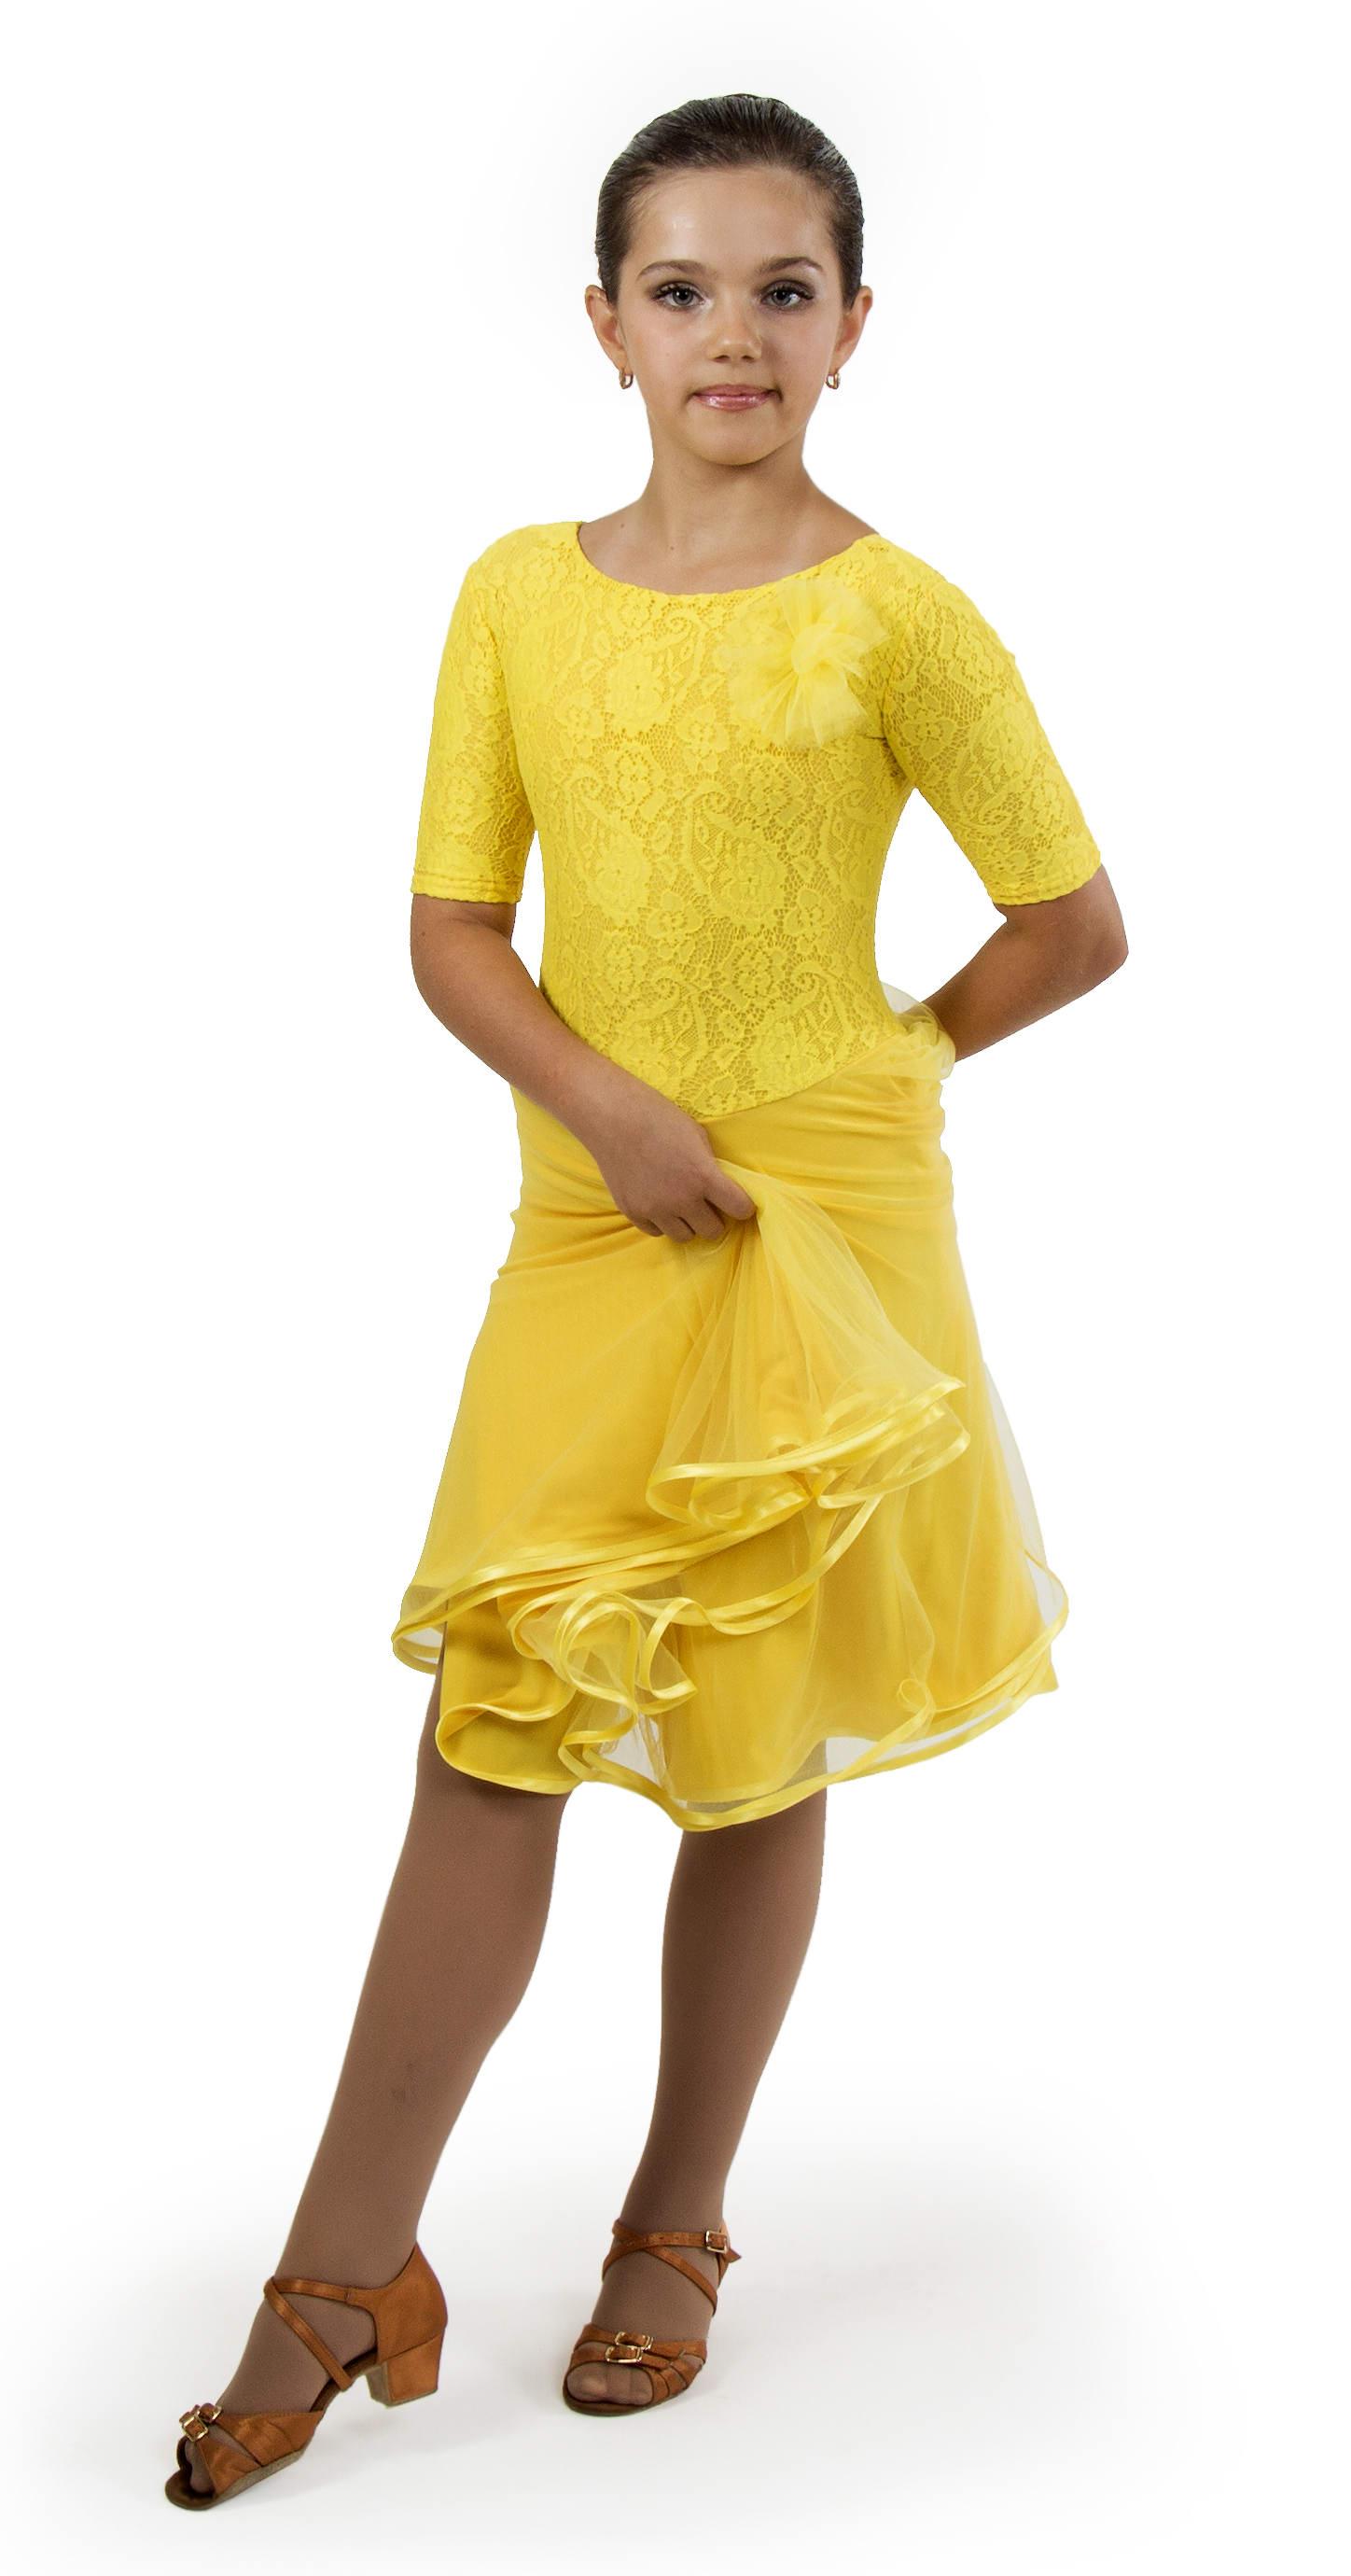 Купить платье для бальных танцев на выступление